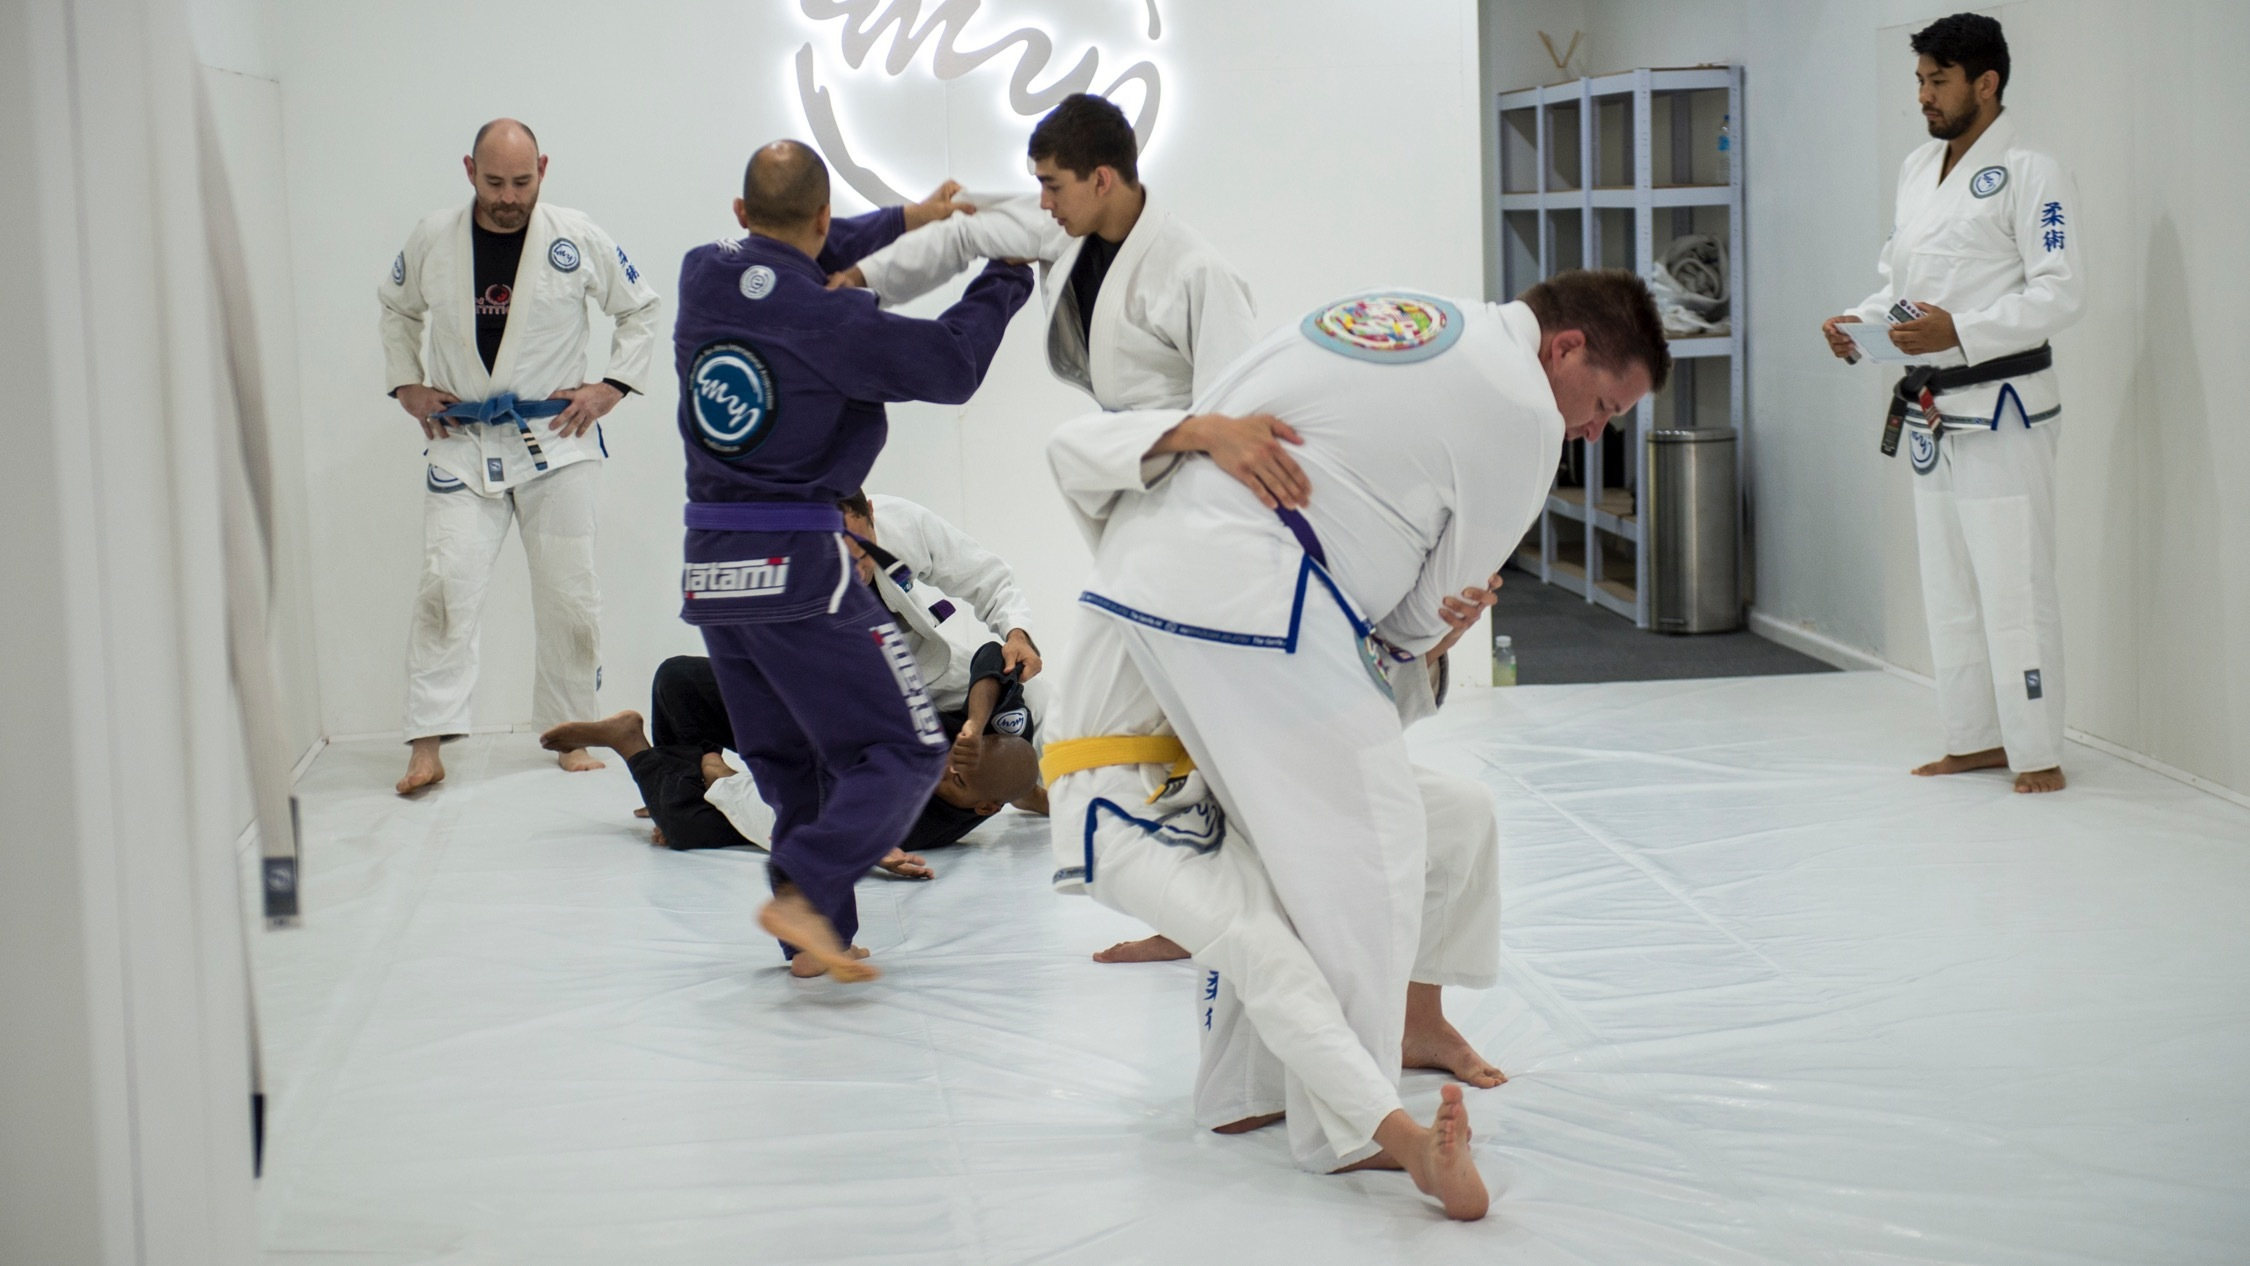 Class at My BJJ Team Brazillian Jiu-Jitsu